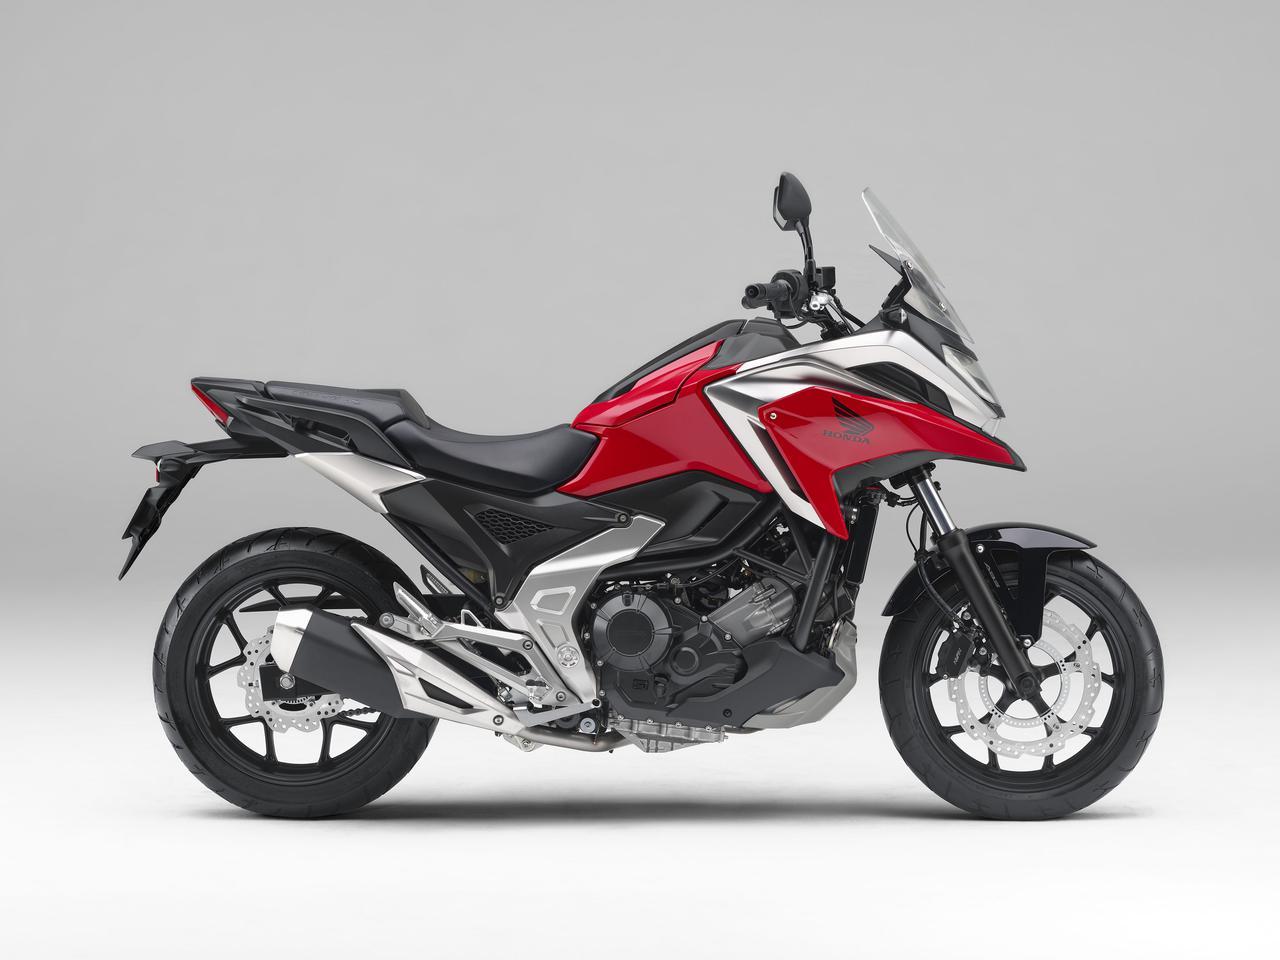 画像8: 全面進化! ホンダが新型「NC750X」の国内で発売|価格・仕様・カラーをチェック【2021速報】